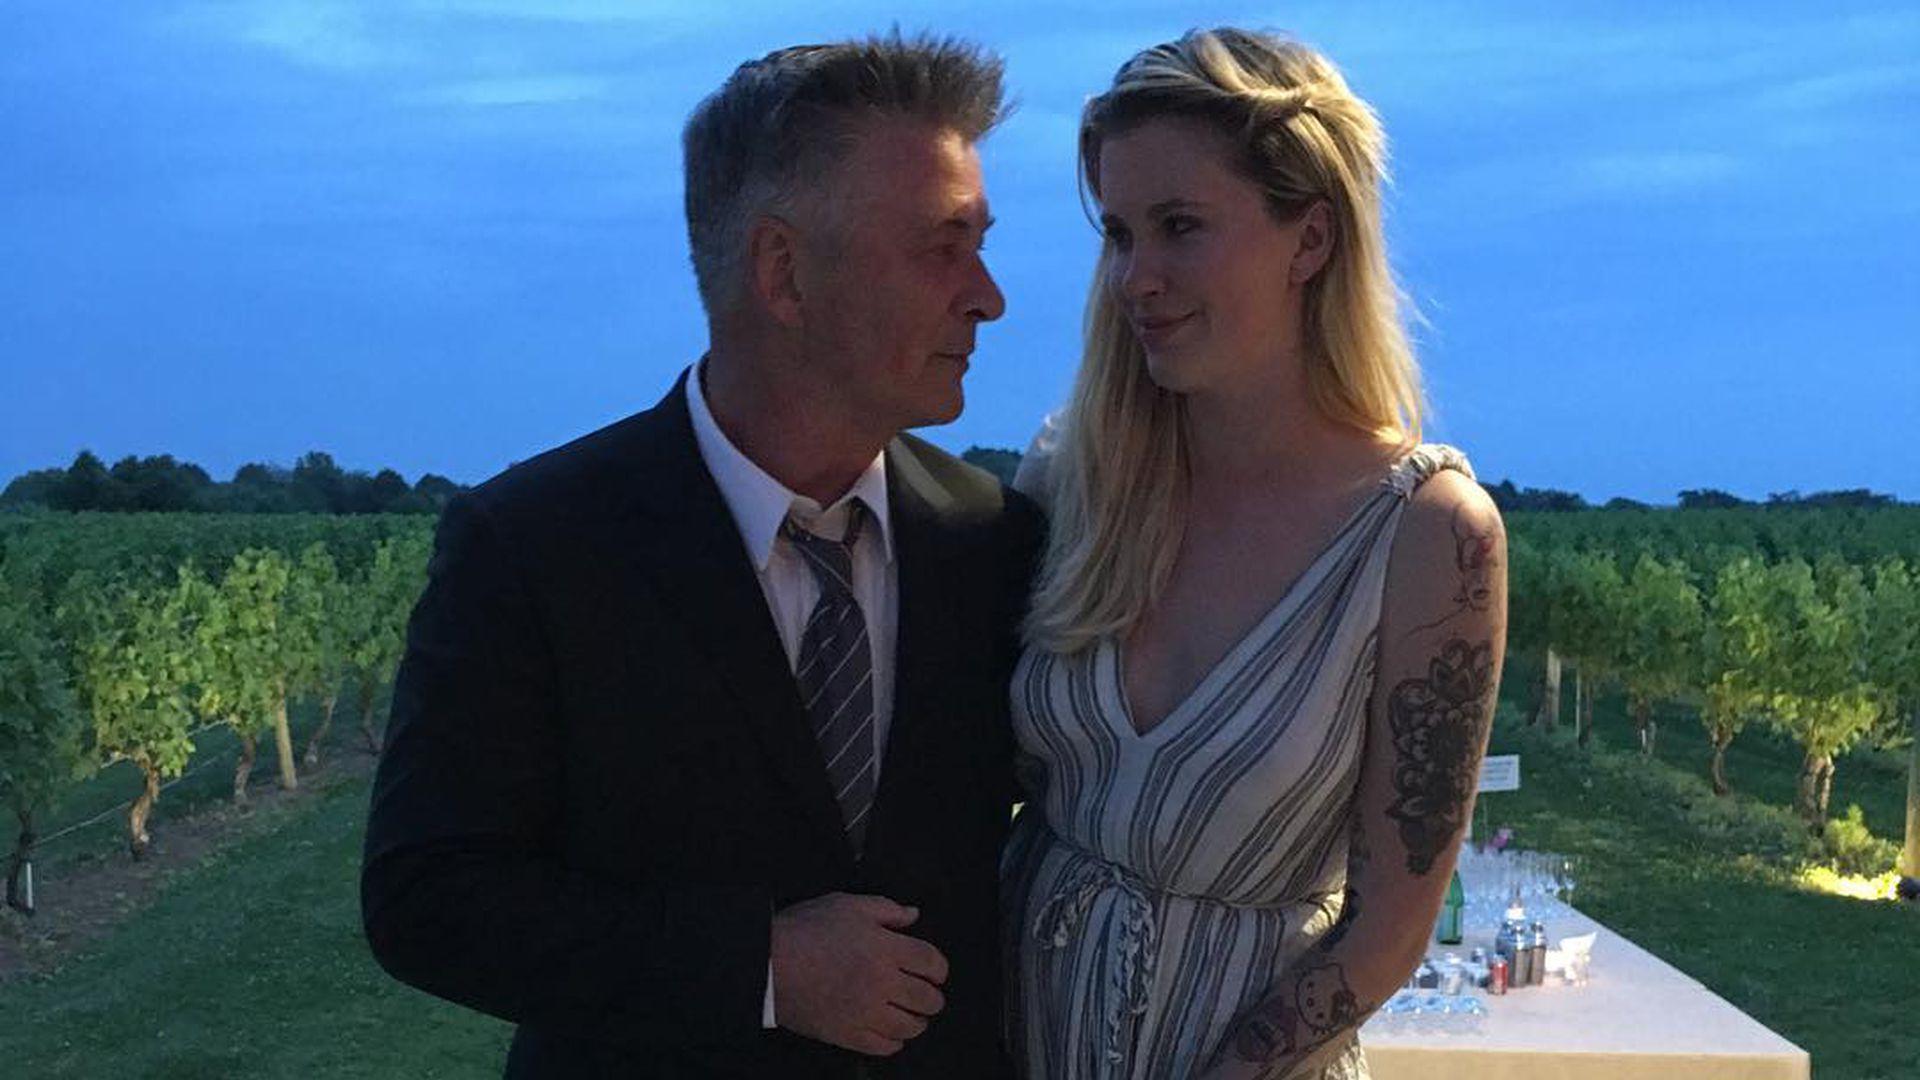 5 Jahre Ehe: Alec & Hilaria Baldwin heiraten zum 2. Mal | Promiflash.de